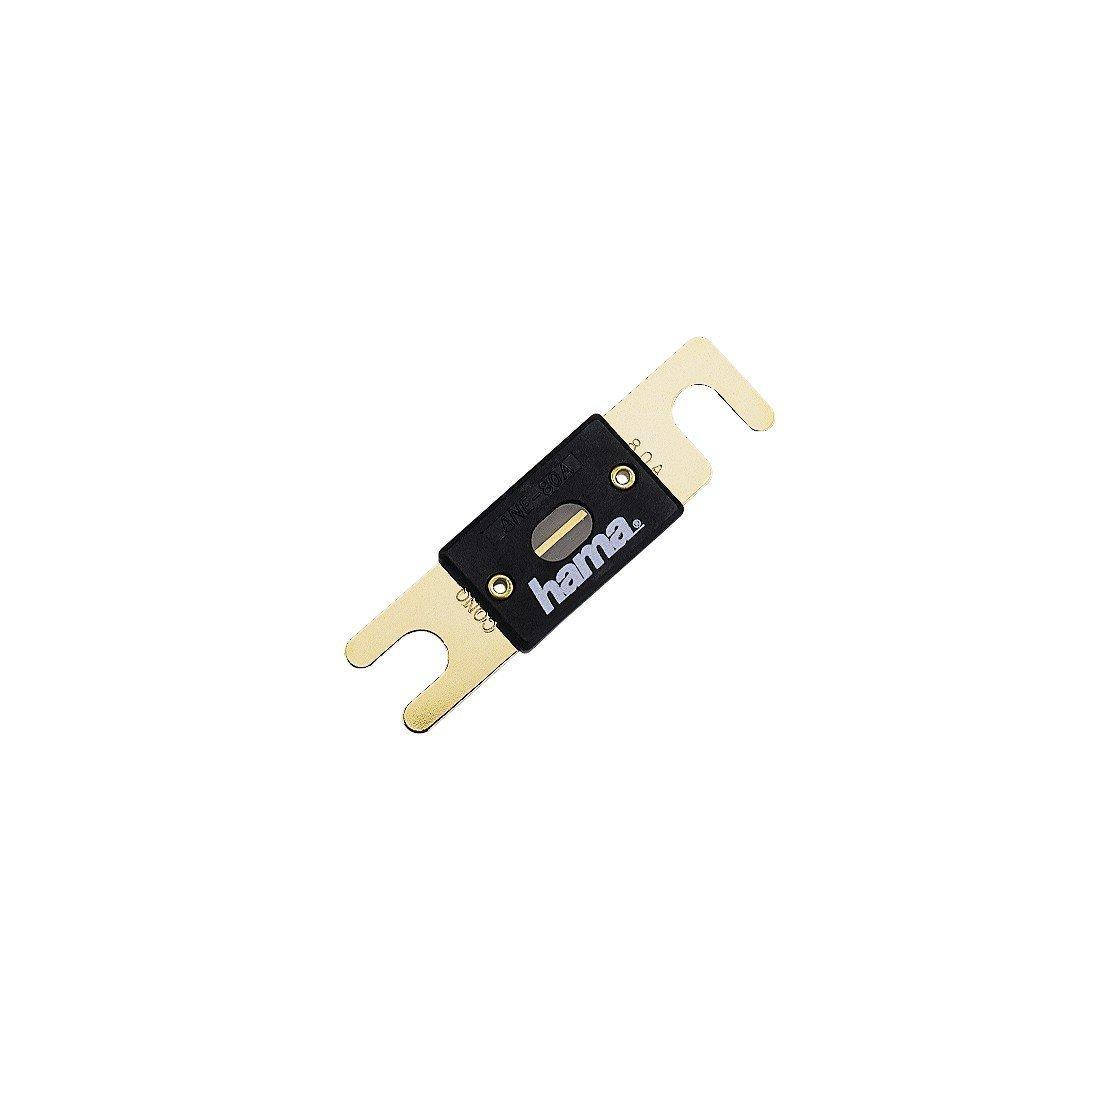 Hama - Fusible de sécurité ANL - 100 A 00043821 Accessoires PC